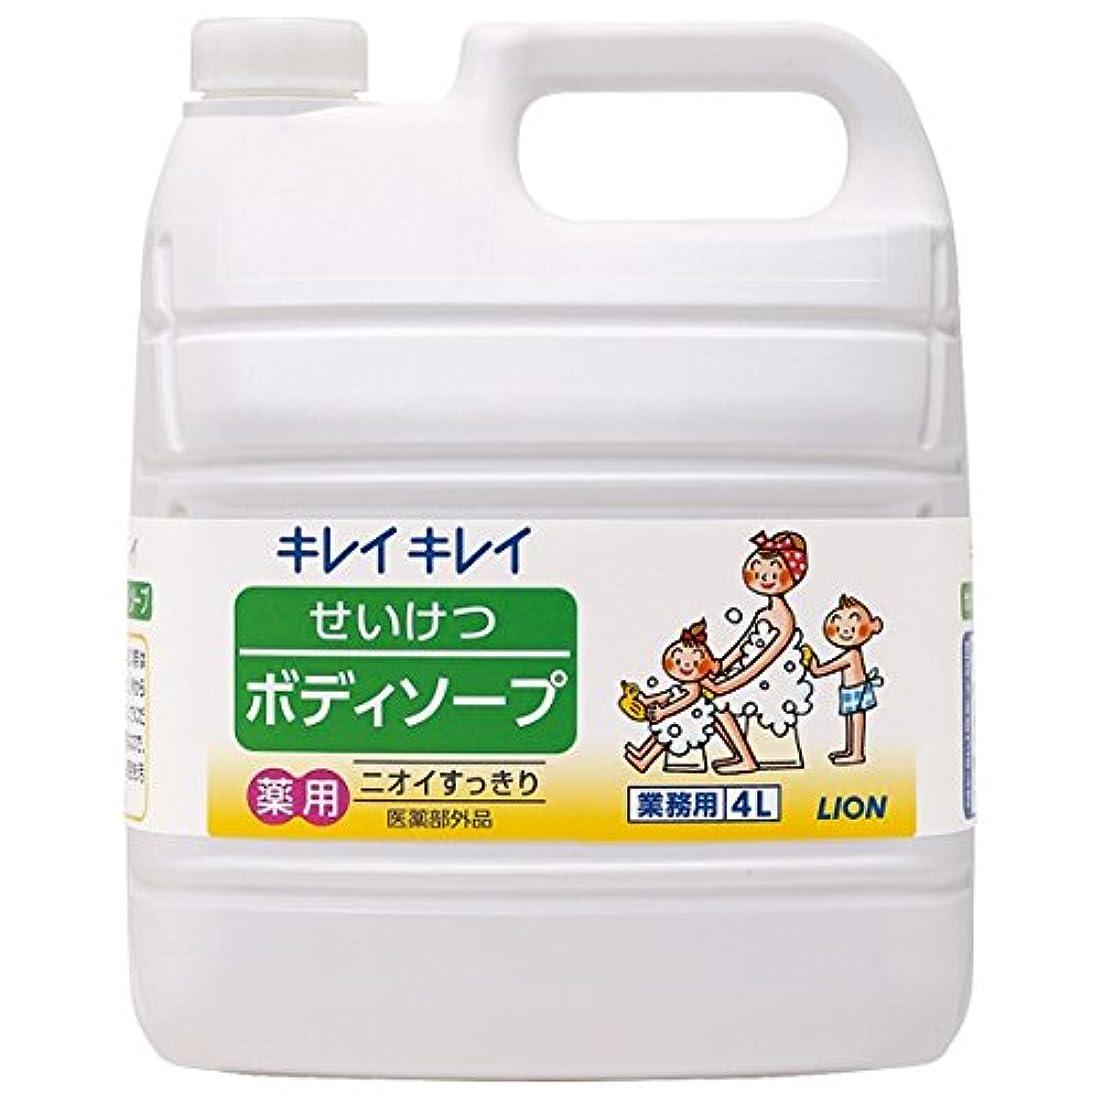 定期的非公式入力ライオン キレイキレイ せいけつボディソープ さわやかなレモン&オレンジの香り 業務用 4L×3本